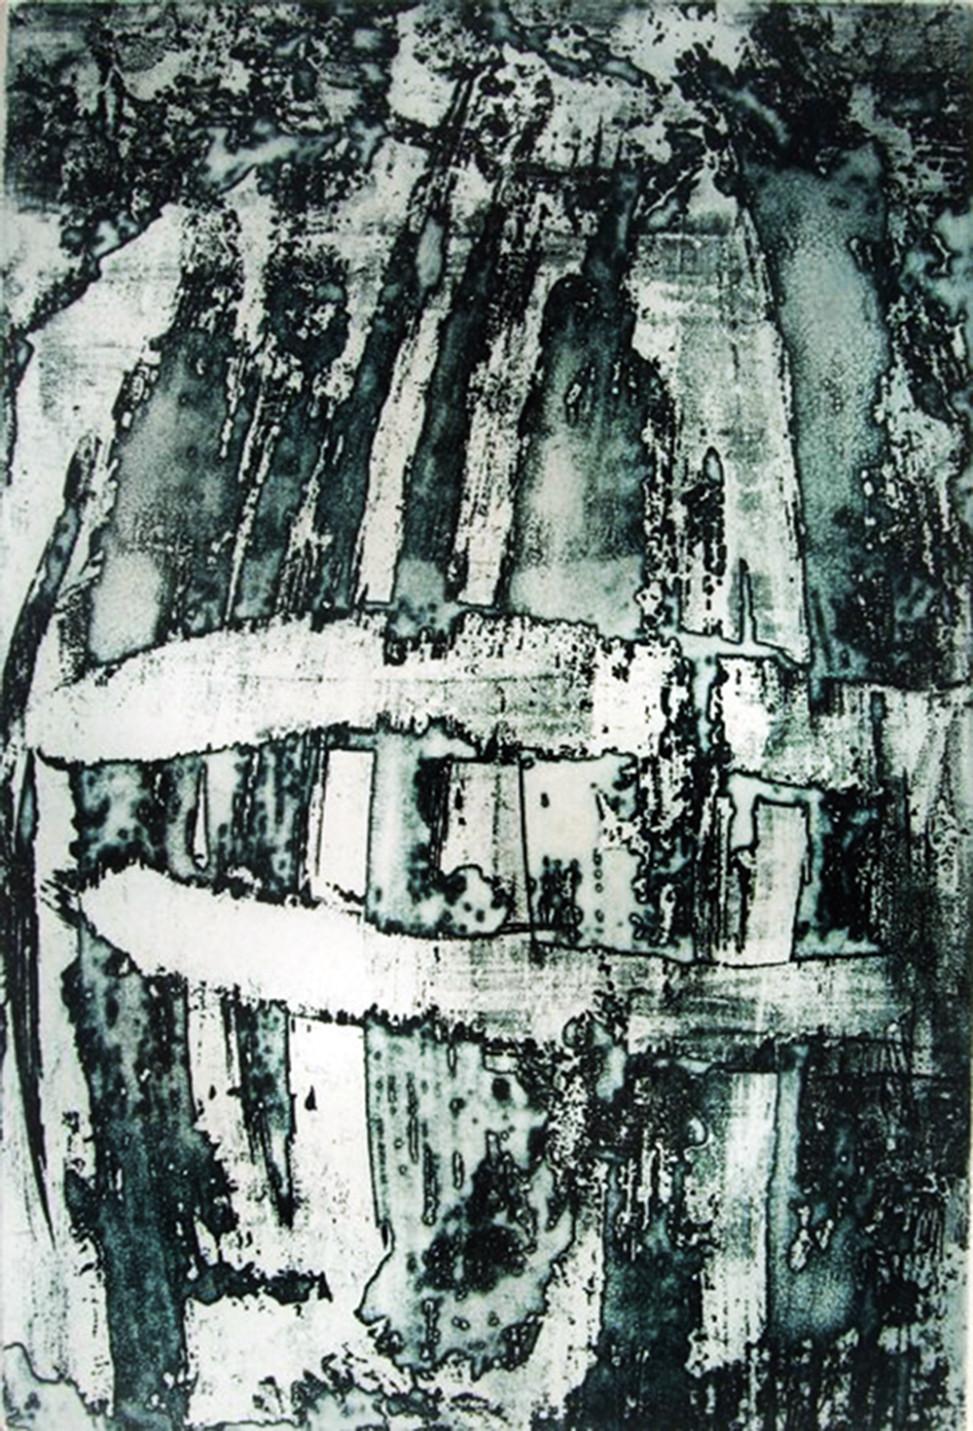 2012, Waterfalls, engravings